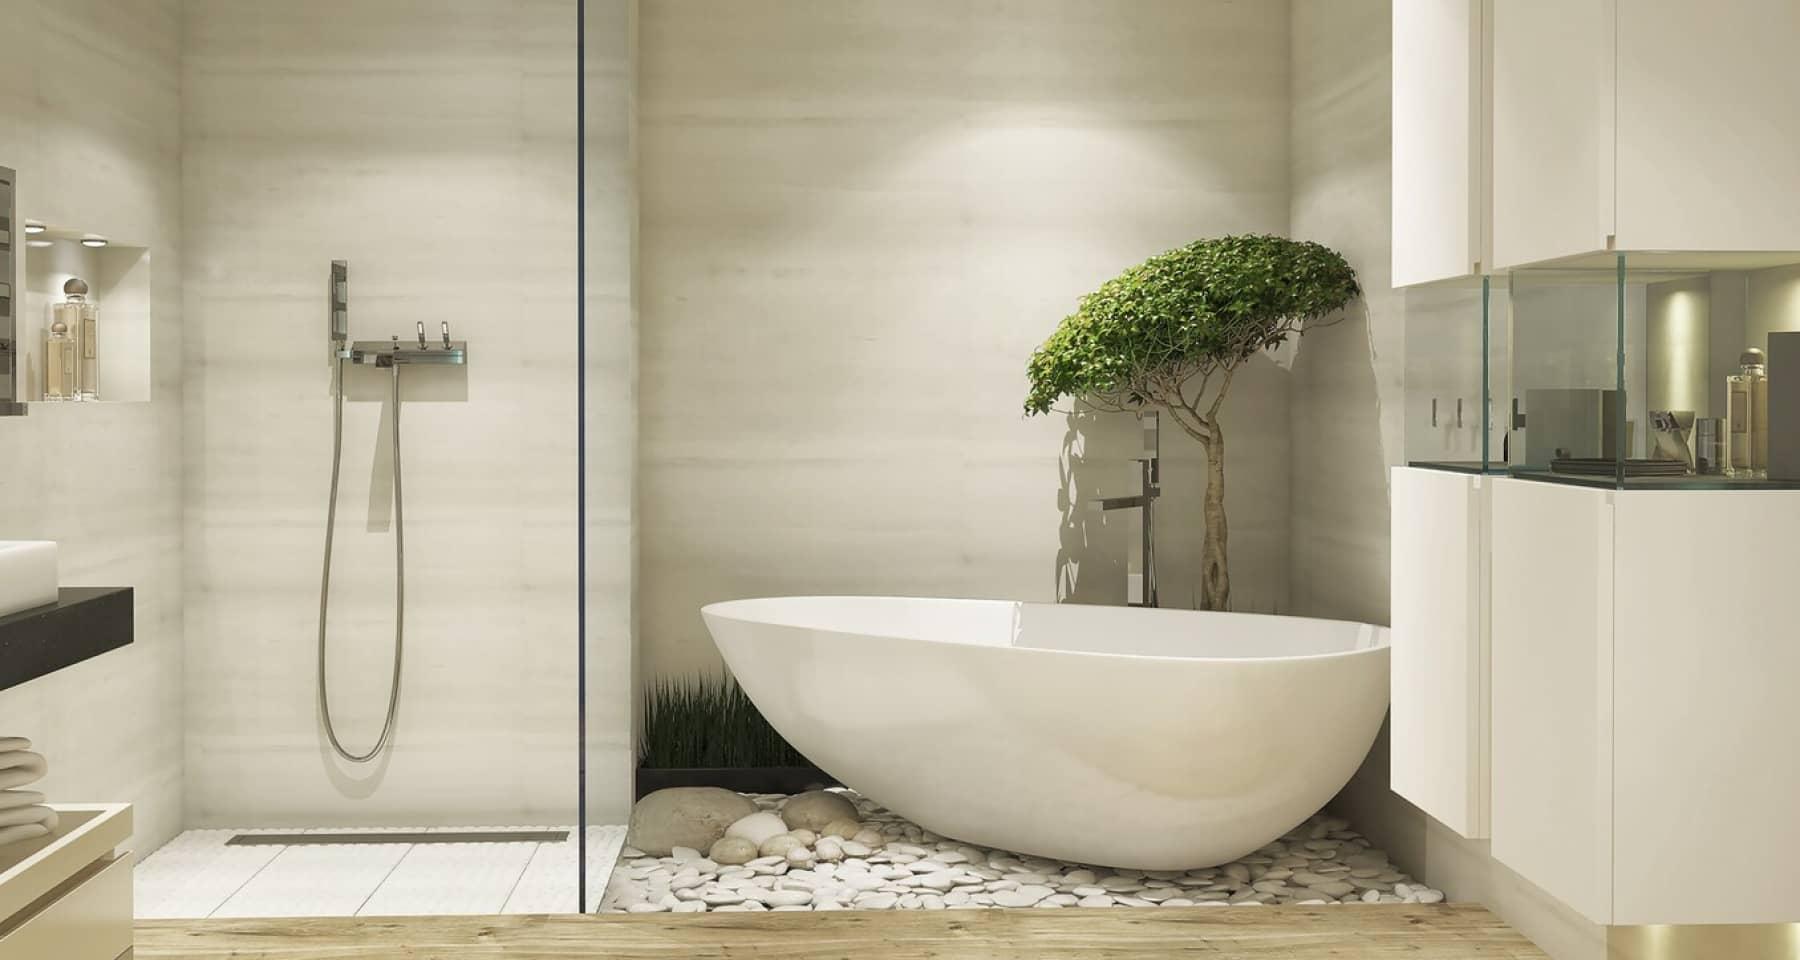 Ремонт большой ванной комнаты с тропическим душем